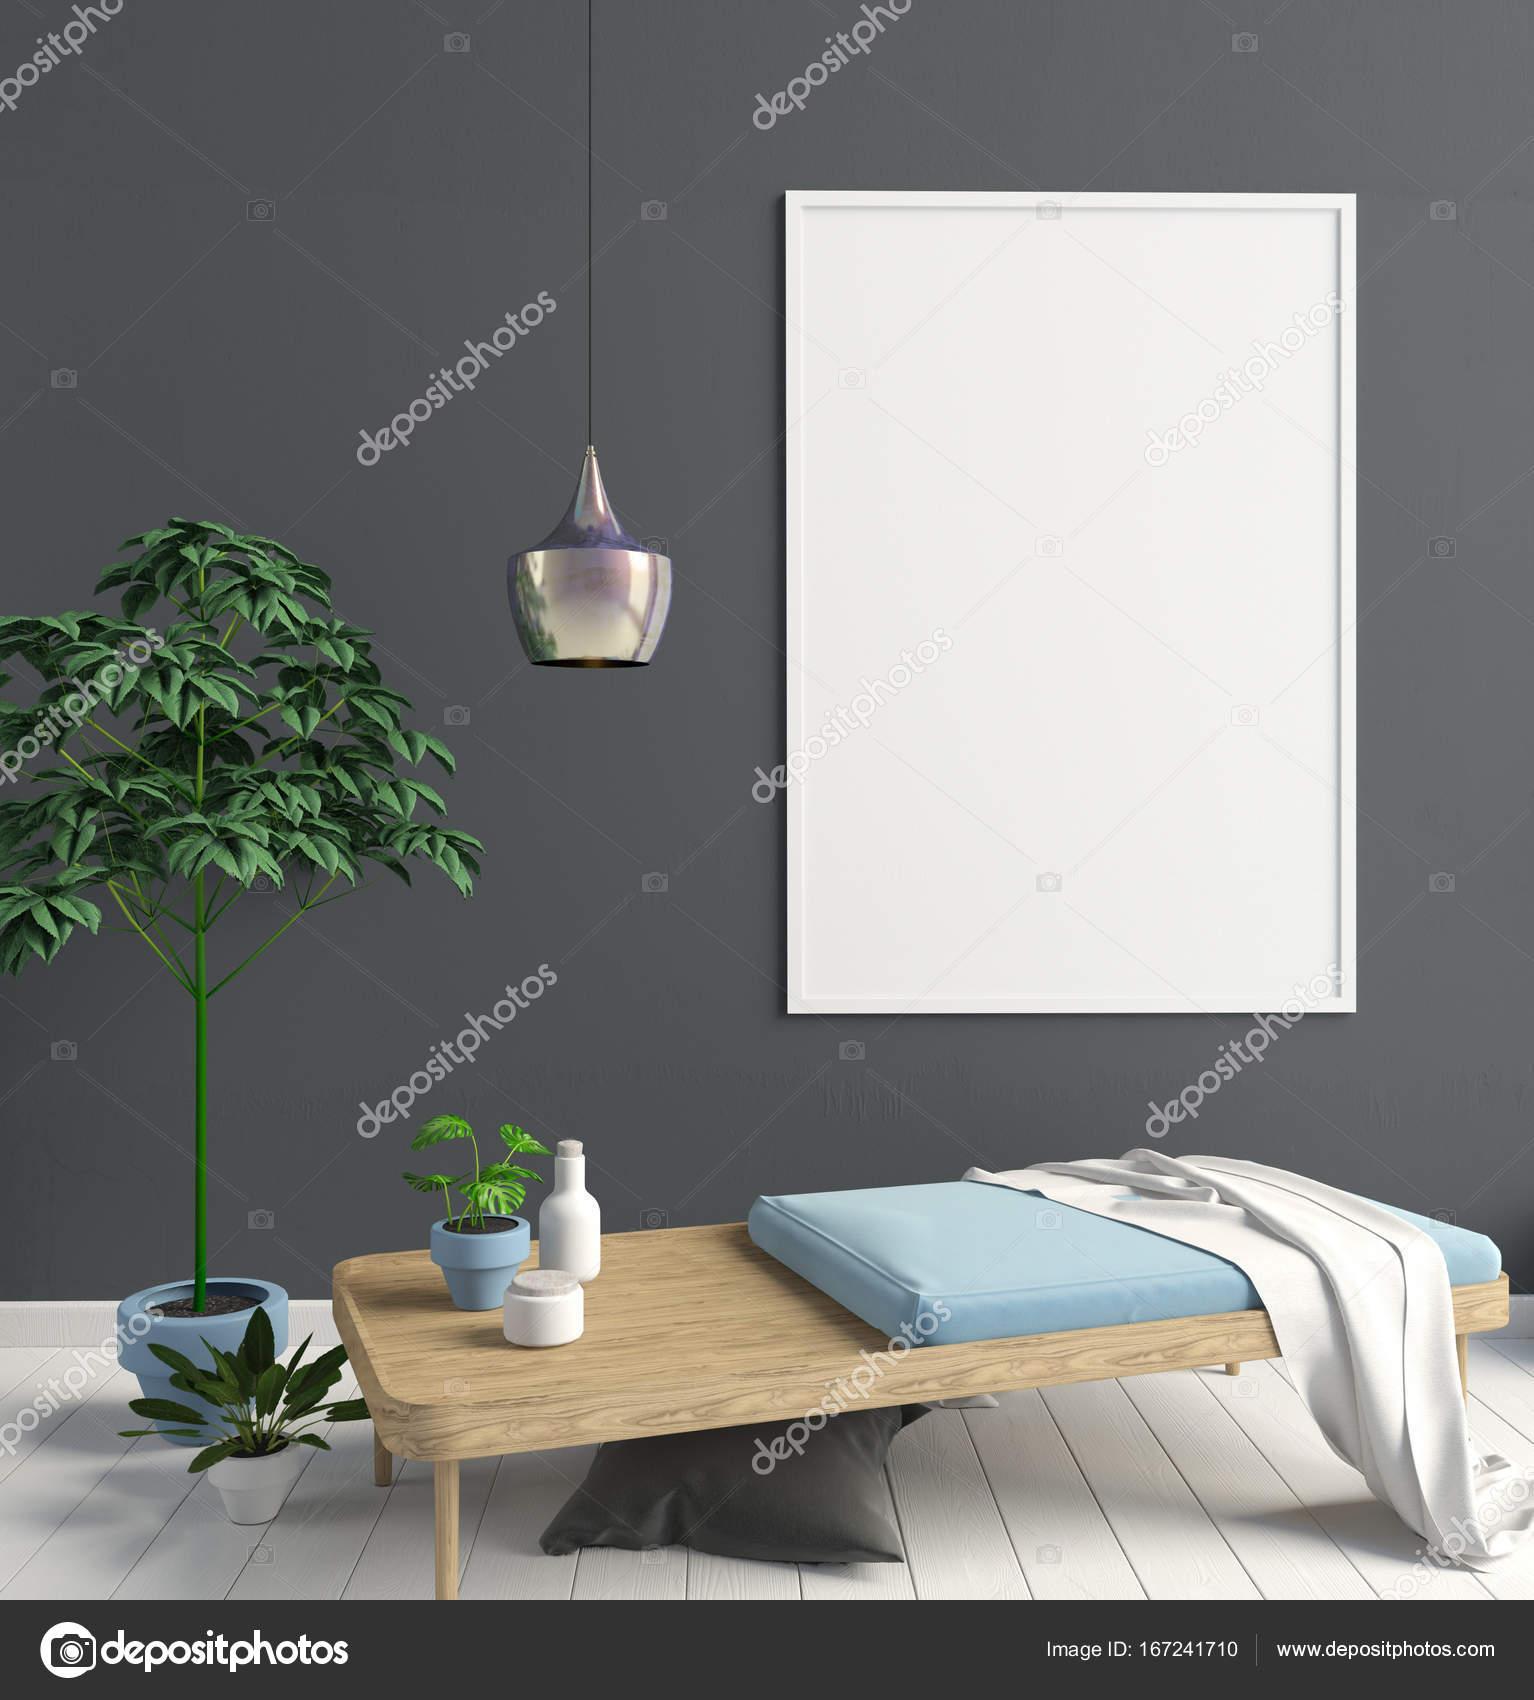 Ungewöhnlich Modernes Interieur Im Stil Galerie - Images for ...